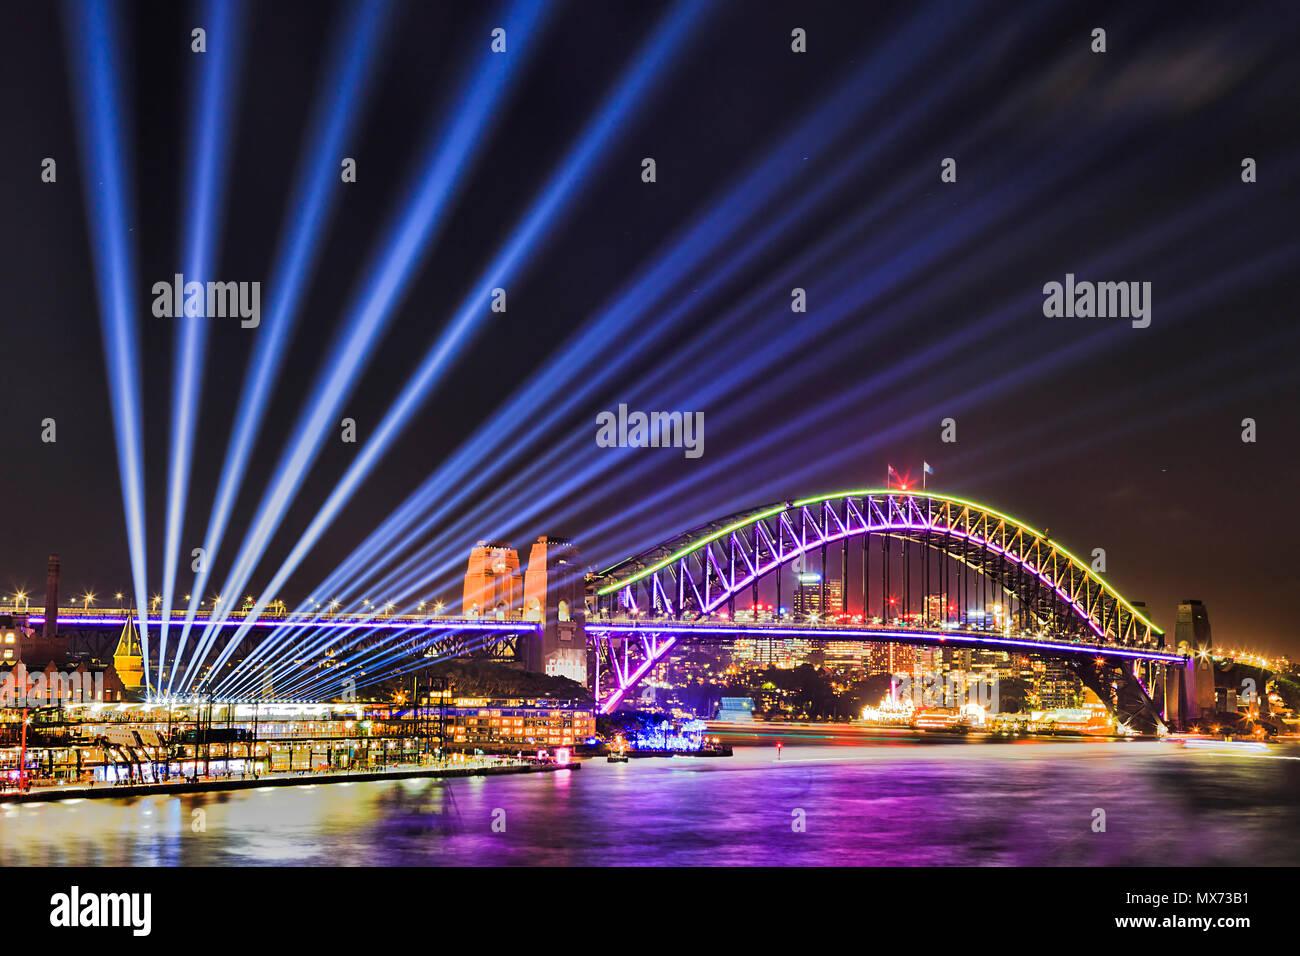 Vivid Sydney Festival des Lichts und der Ideen in der Stadt Sydney CBD um Hafen mit Lichtstrahlen aus der Harbour Bridge vom Circular Quay. Stockbild